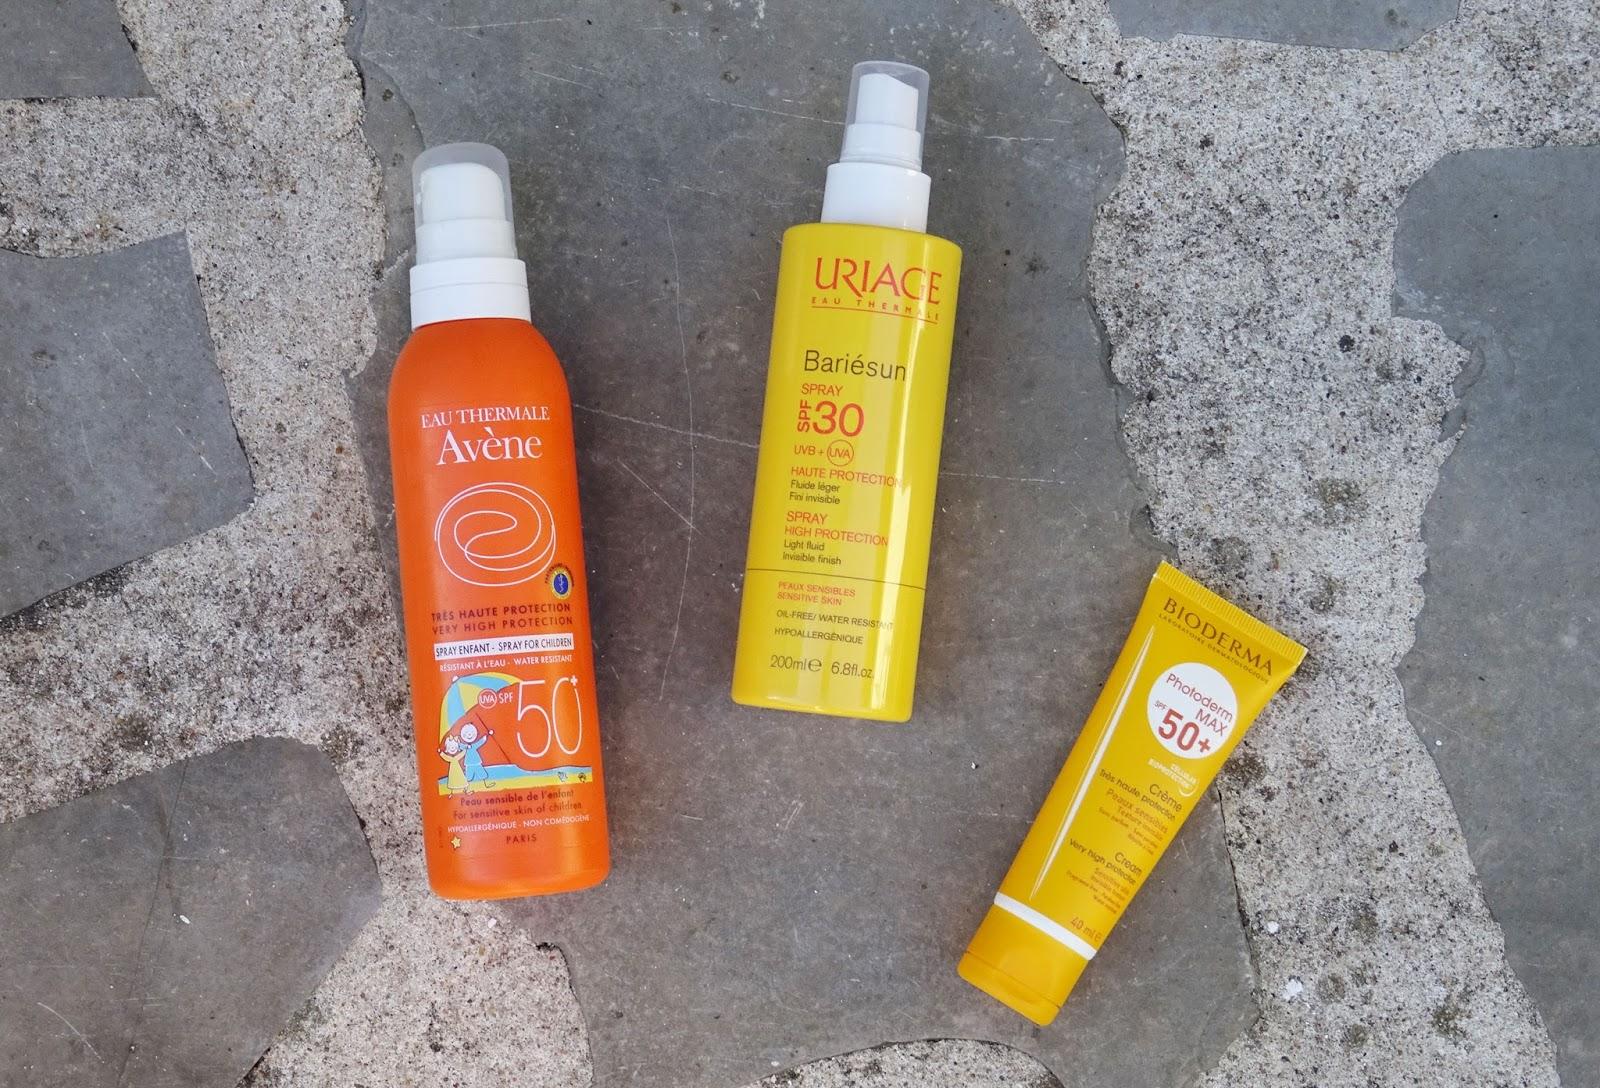 Mes essentiels de l'été 2016 soins solaires